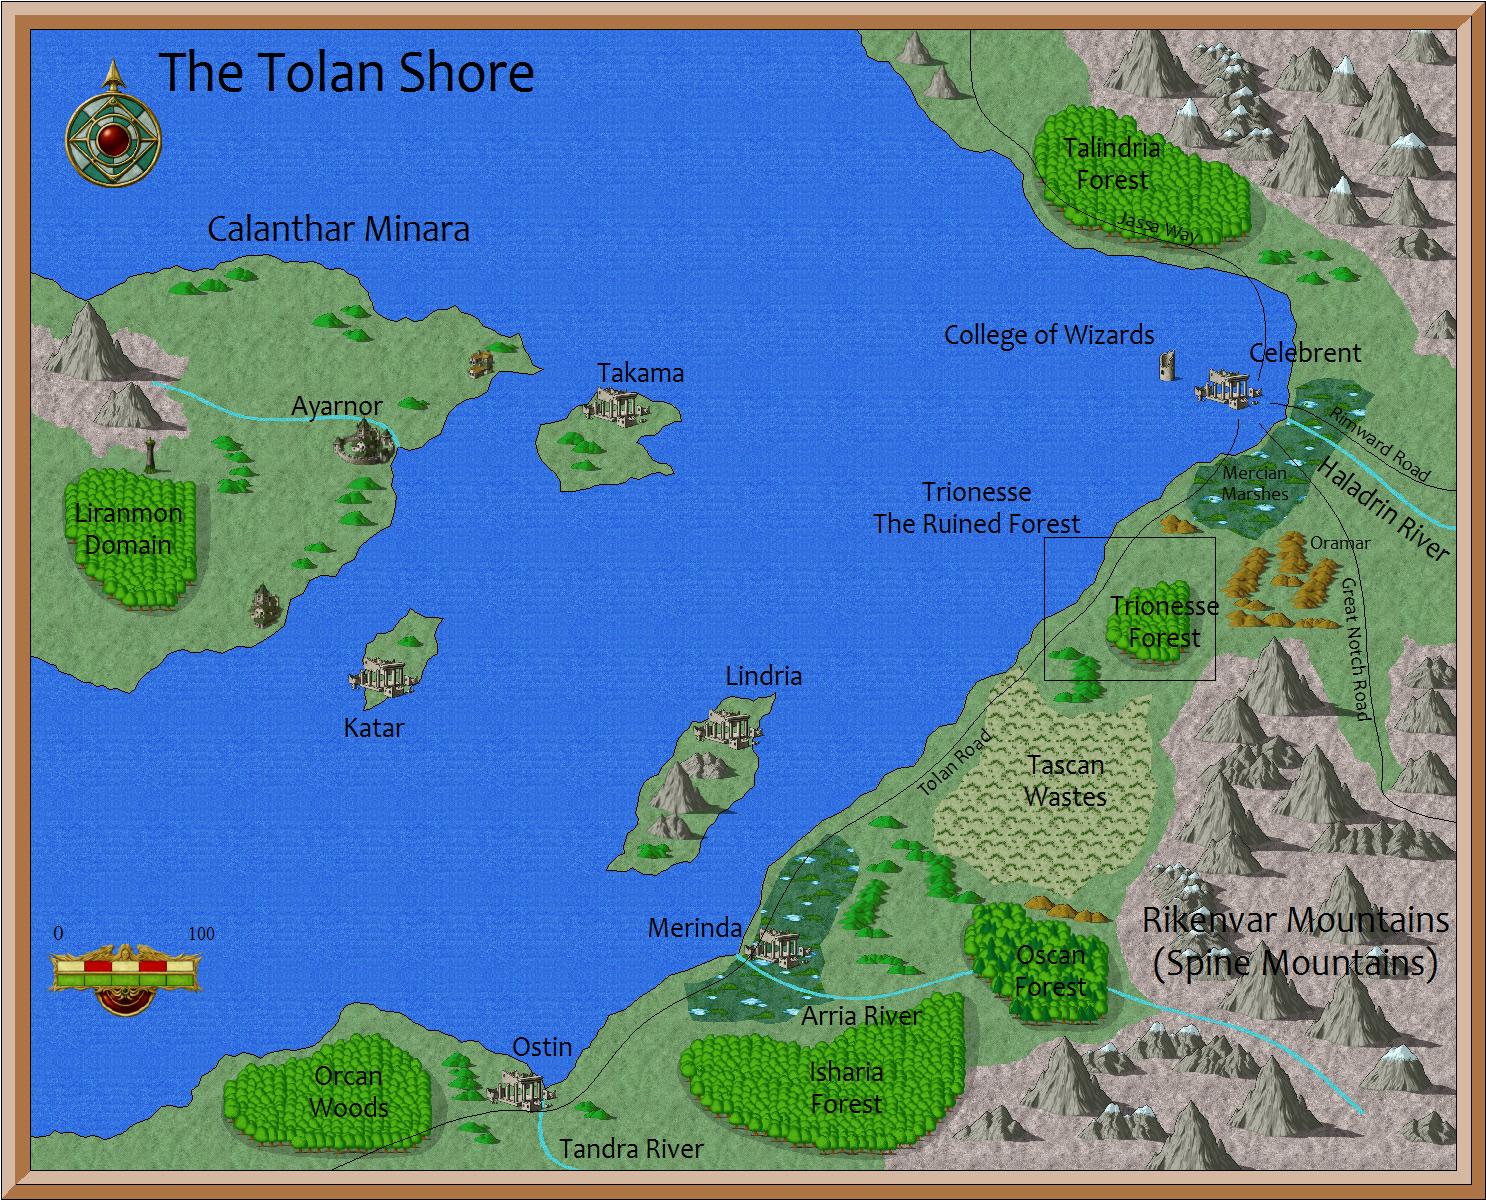 ne-tolan-shore.jpg